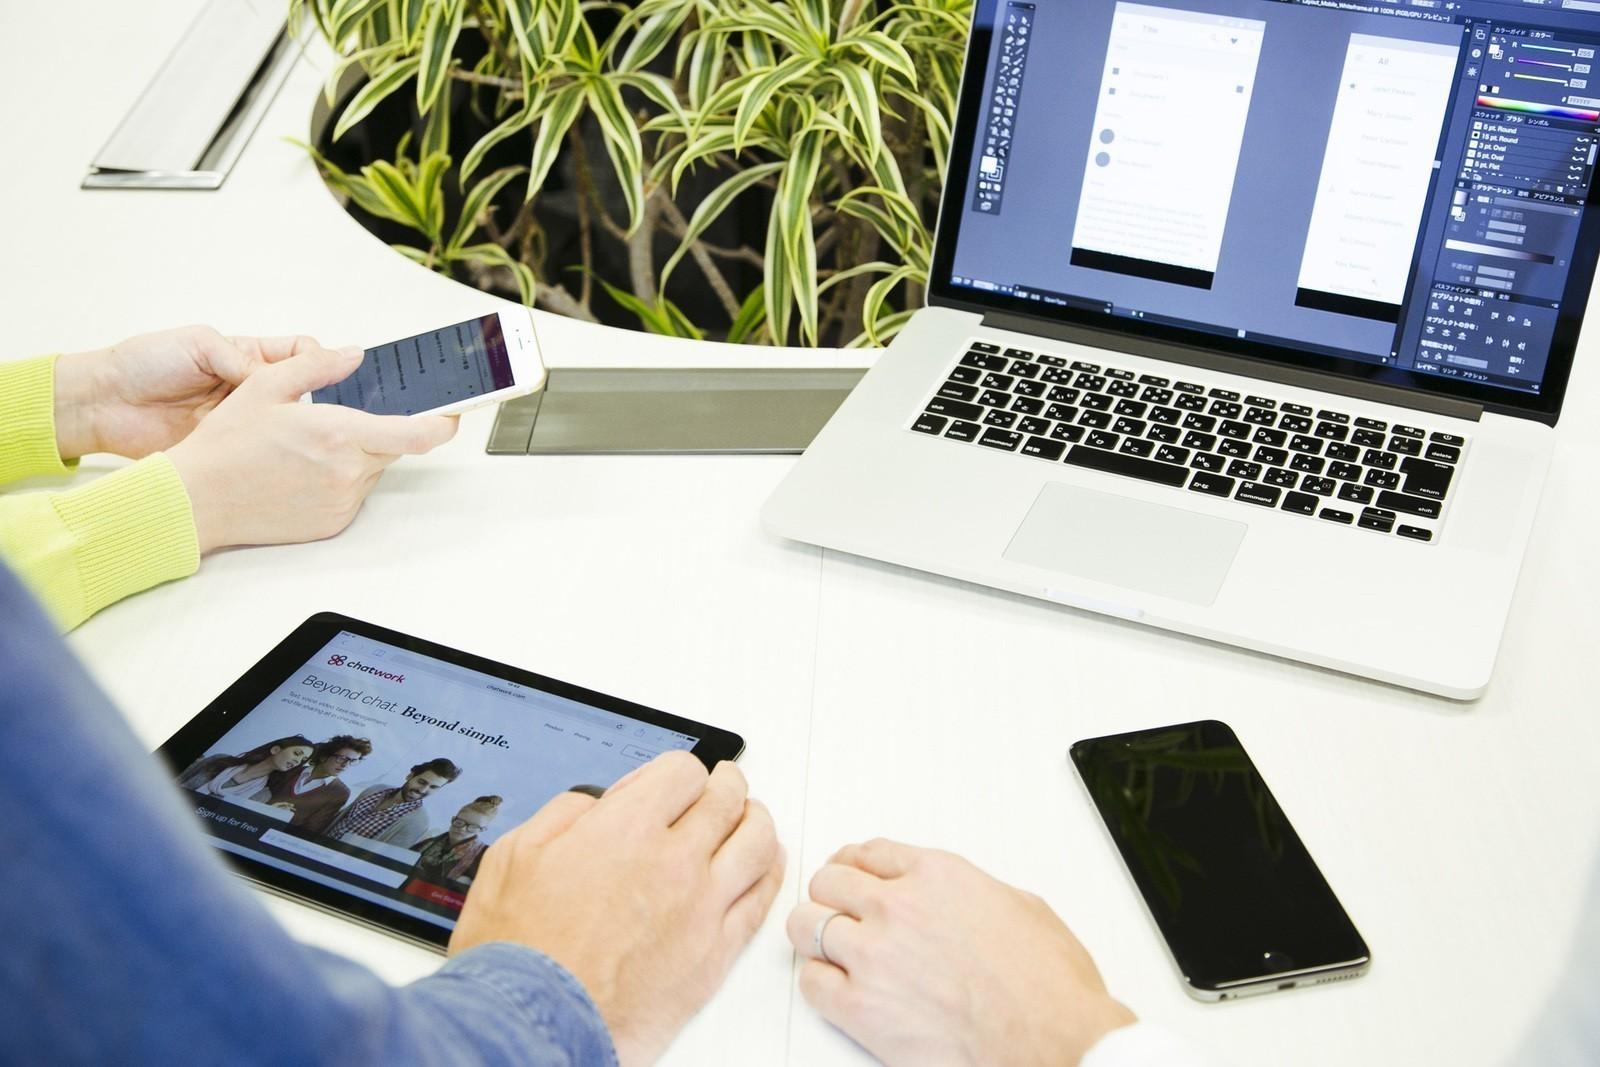 「ChatWork(チャットワーク)」でモバイルアプリケーションプロダクトマネージャーを募集!!【導入企業数13万社以上】【18億円資金調達完了】